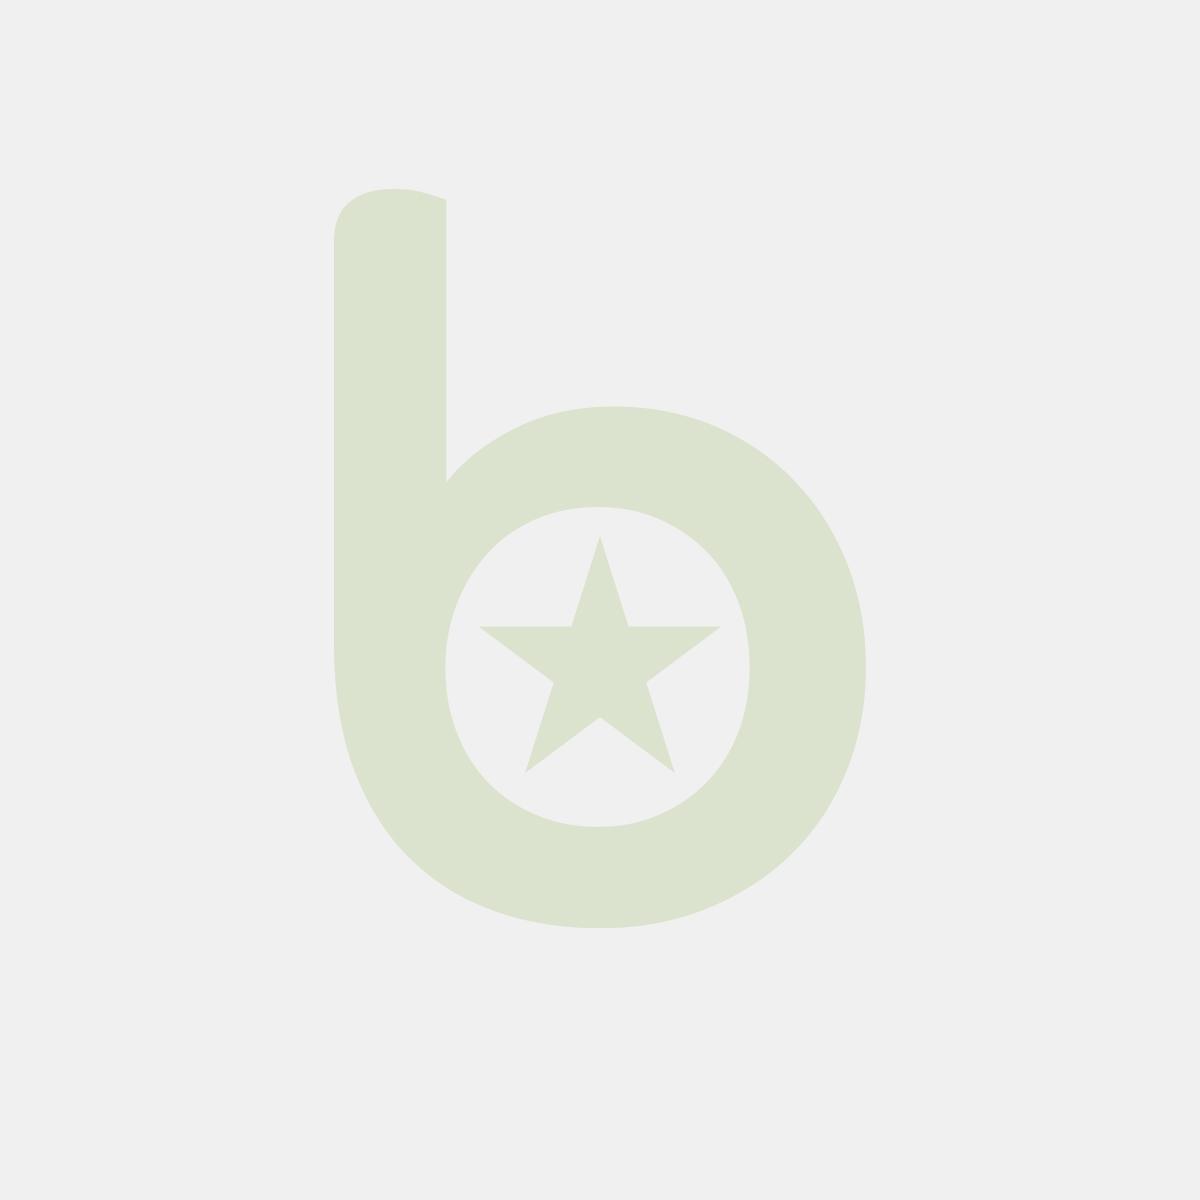 Szafy chłodnicze serii BUDGET LINE z obudową ze stali nierdzewnej